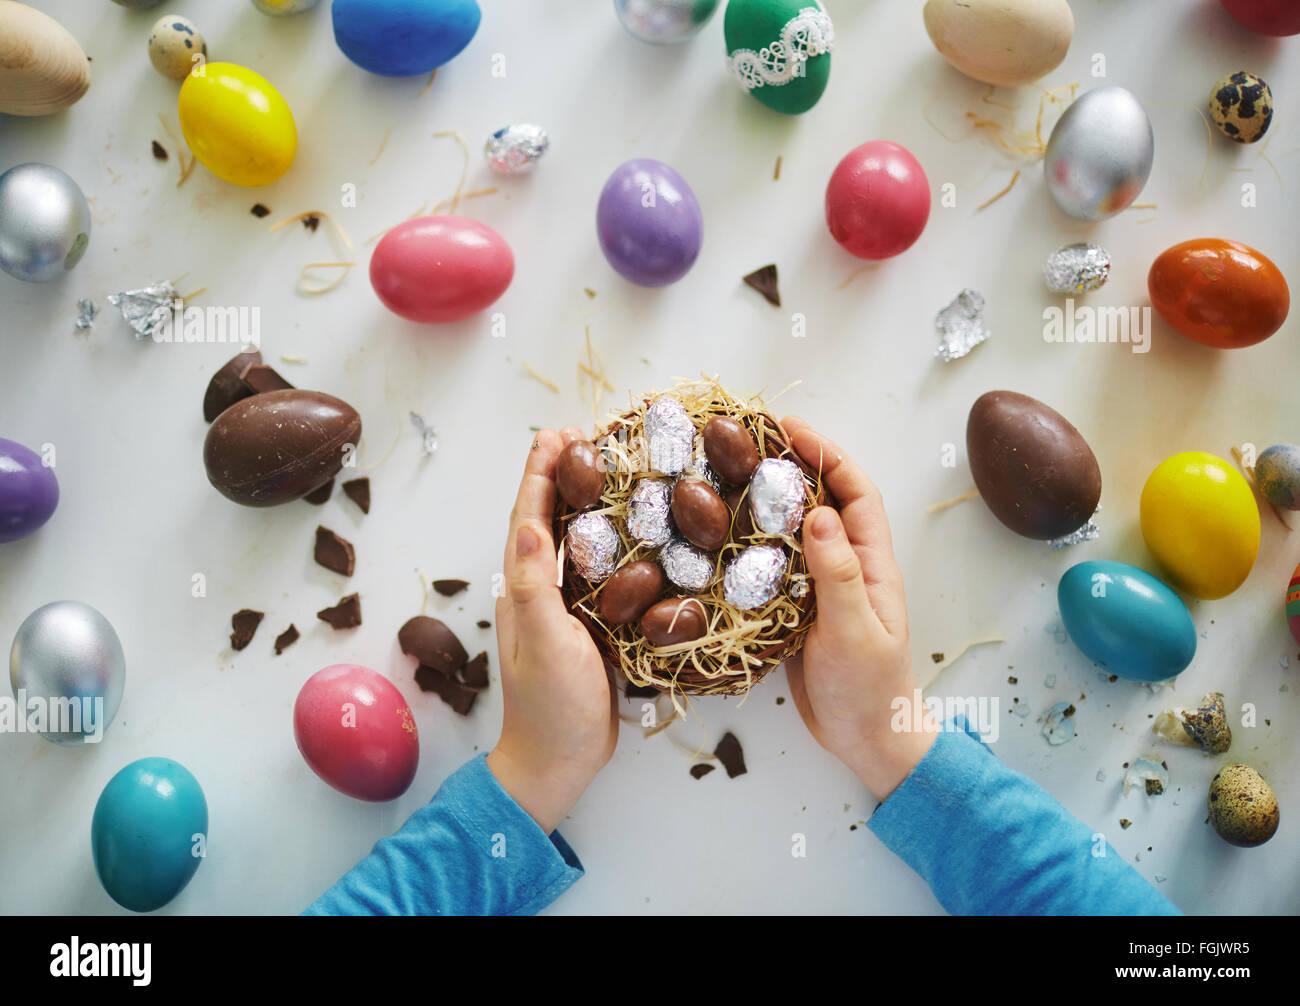 Mains d'enfant tenant petit nid avec des œufs en chocolat Photo Stock